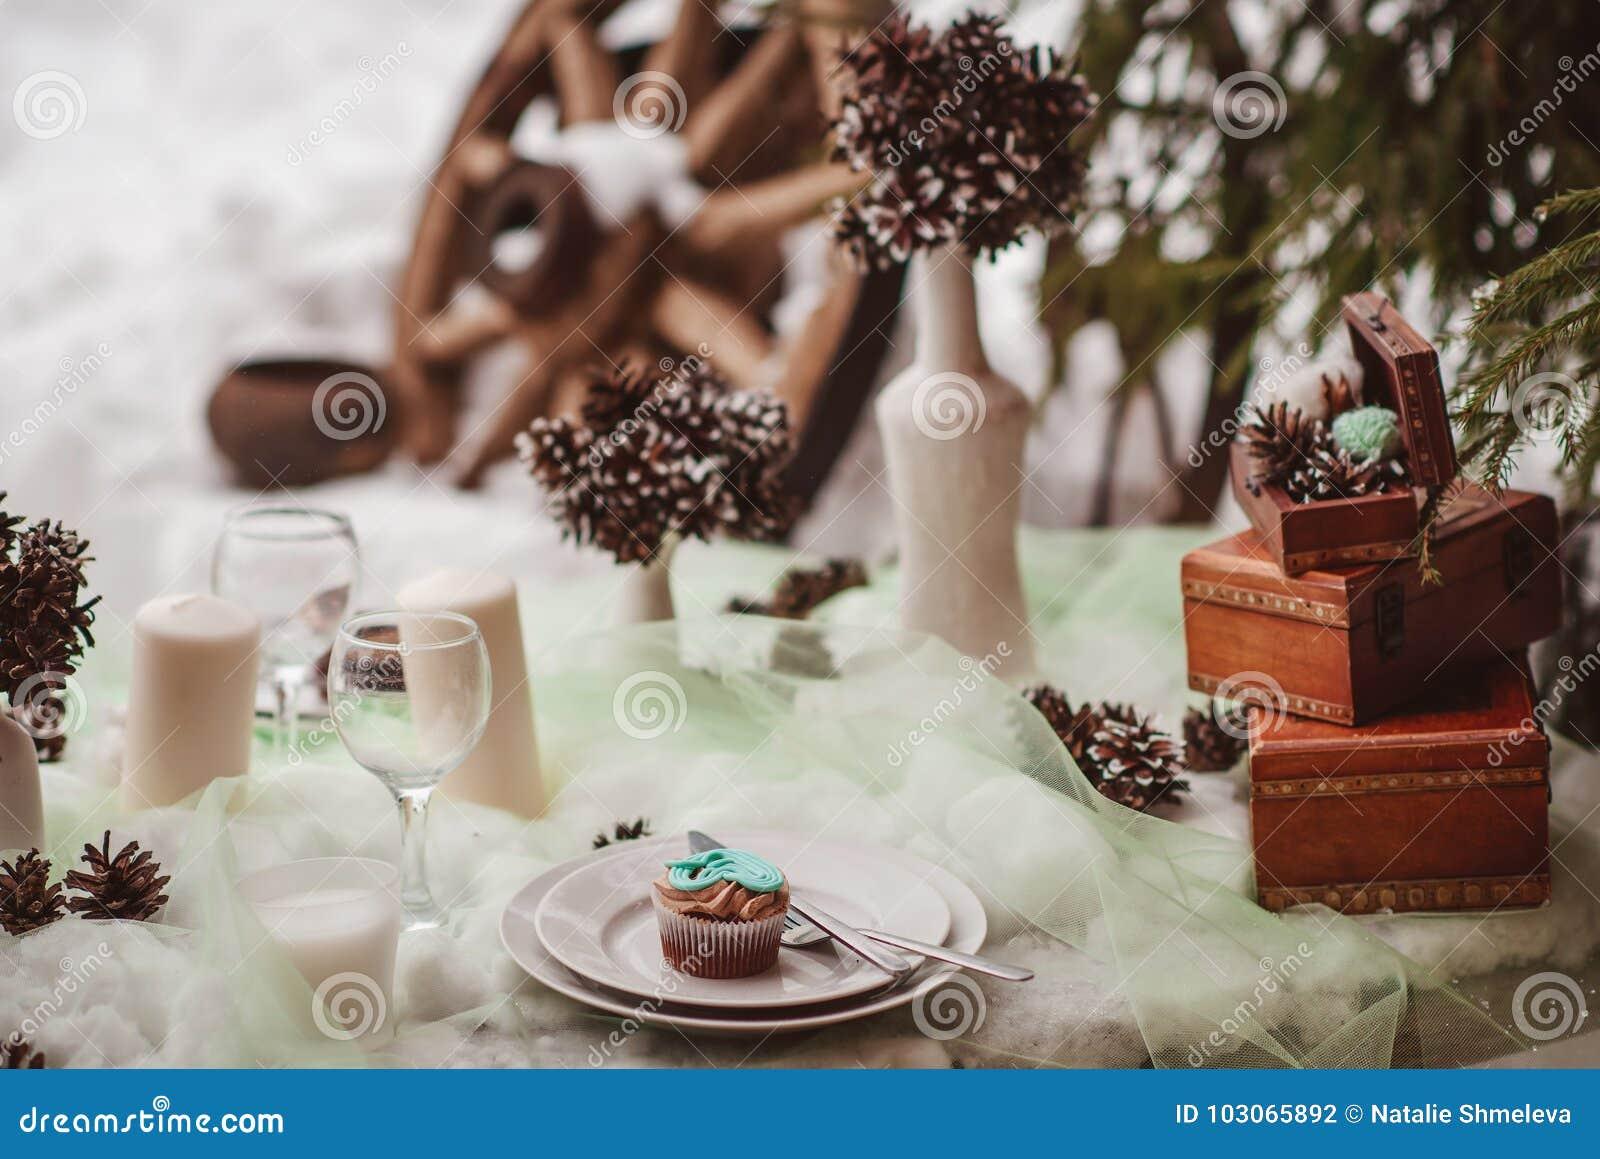 Tavola di nozze di inverno